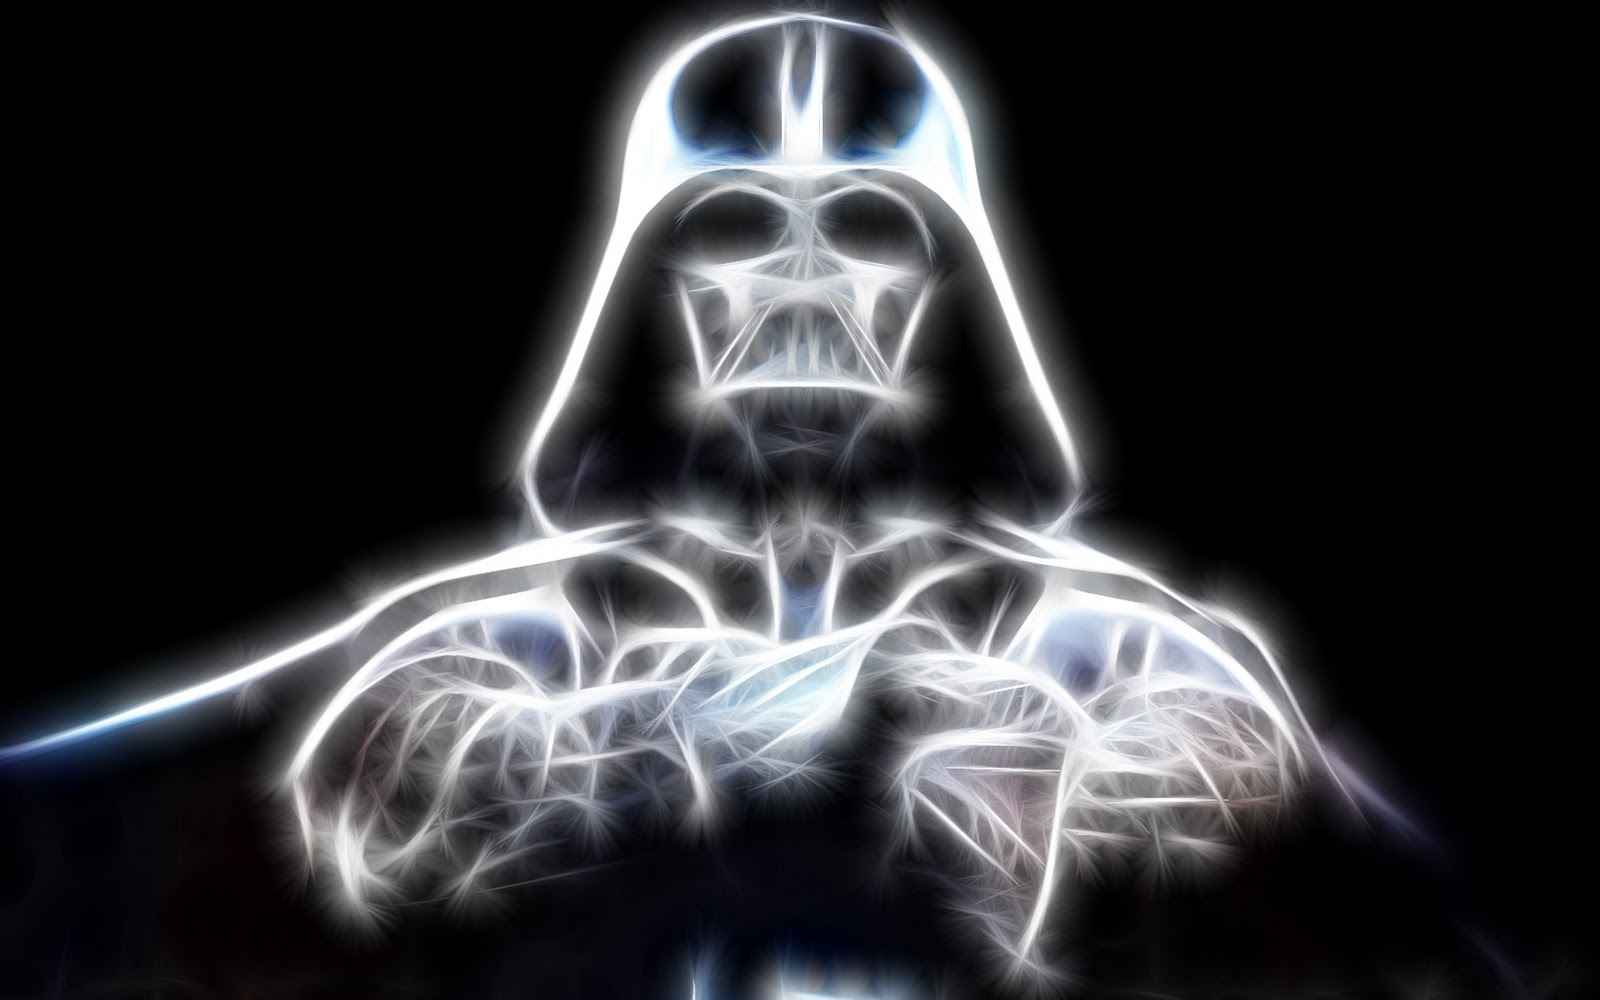 Star Wars Darth Vader Glowing Android Wallpaper